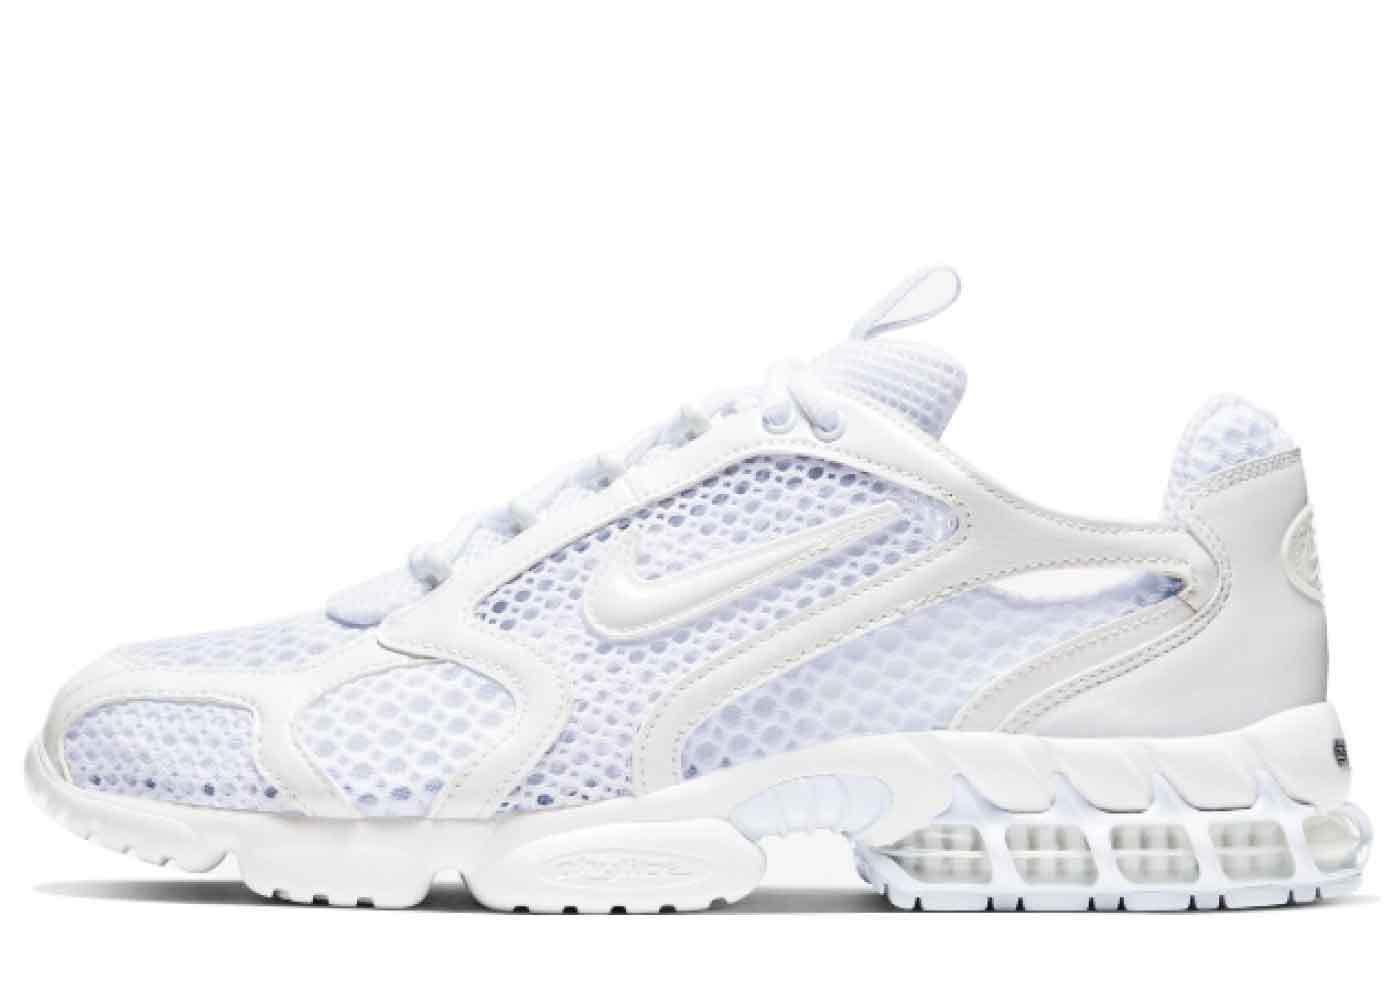 Nike Air Zoom Spiridon Cage 2 White Blackの写真